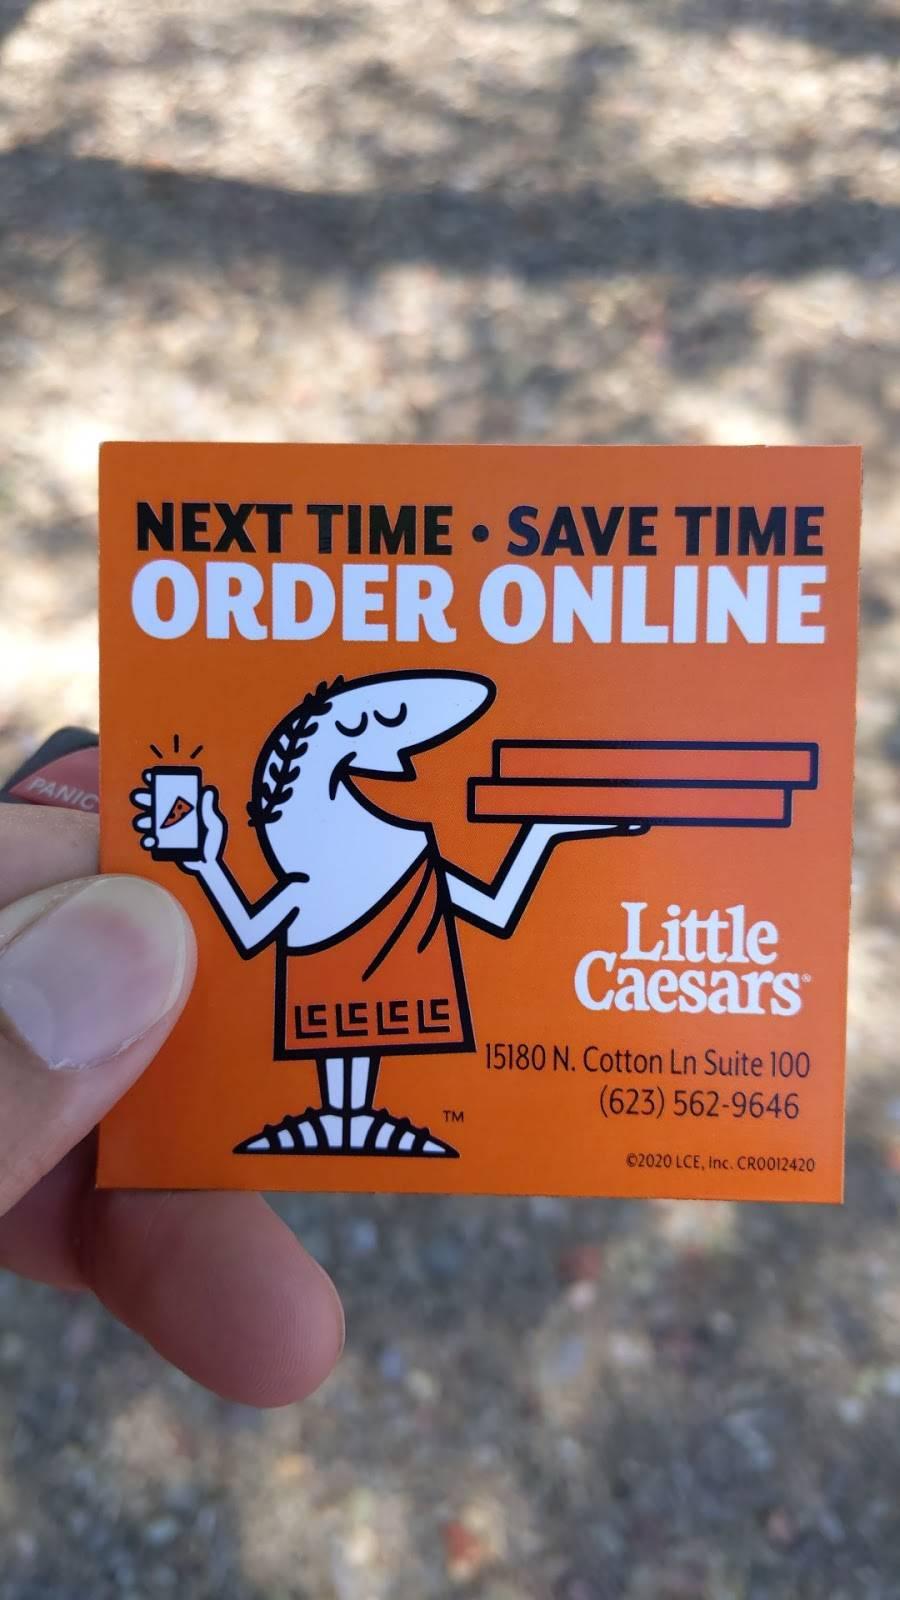 Little Caesars Pizza   restaurant   15180 N Cotton Ln suit #100, Surprise, AZ 85388, USA   6235629646 OR +1 623-562-9646